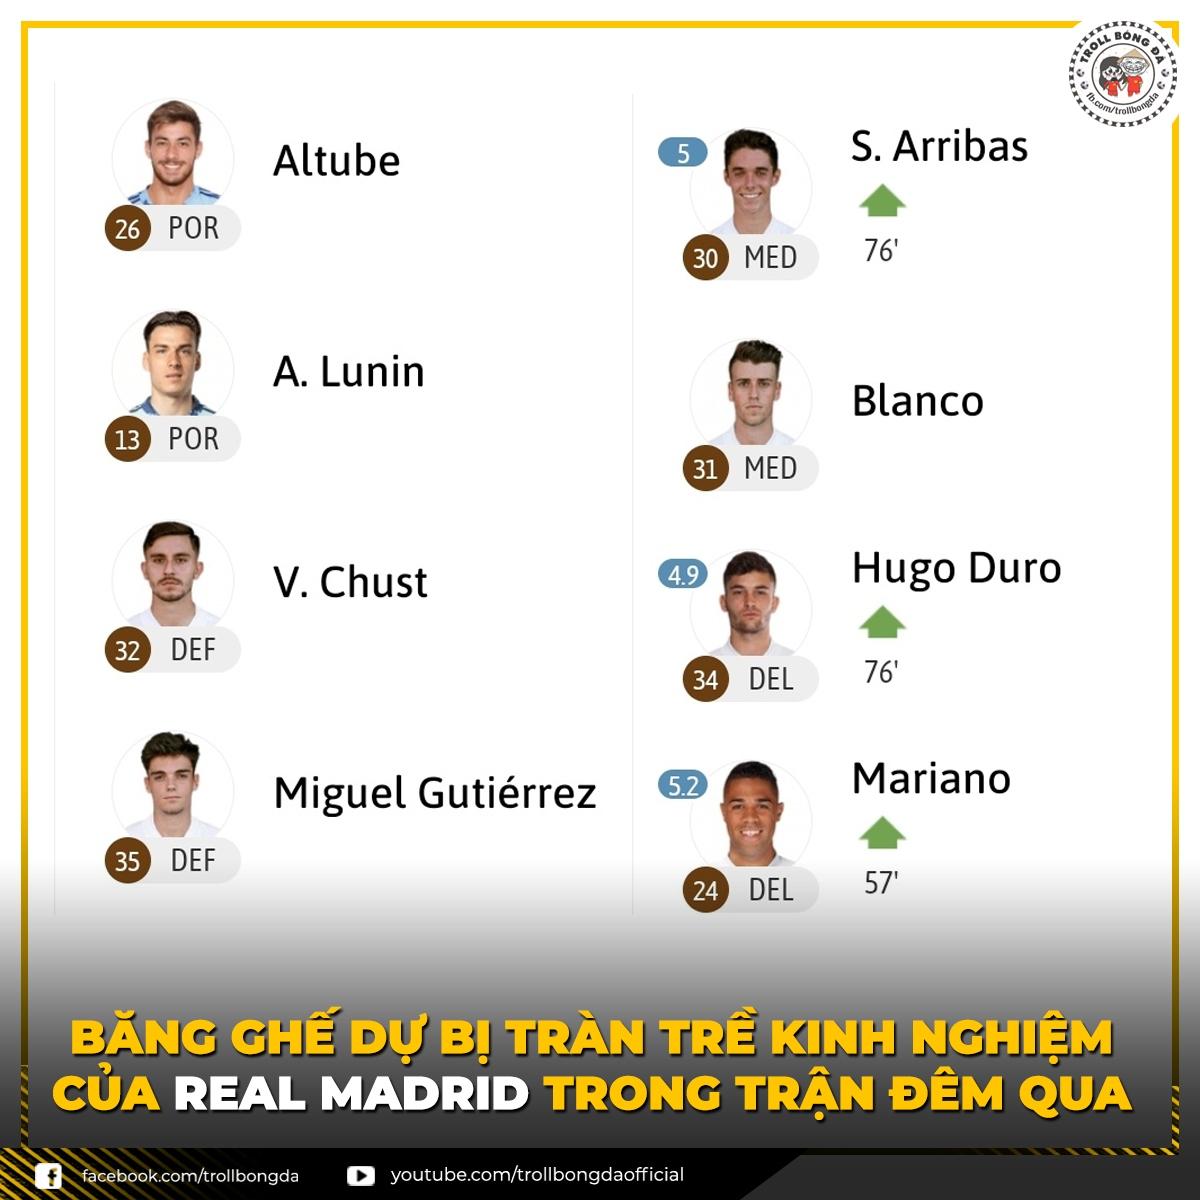 """Real Madrid có đội hình dự bị """"siêu lạ lẫm"""" trong trận đấu rạng sáng nay. (Ảnh: Troll bóng đá)."""